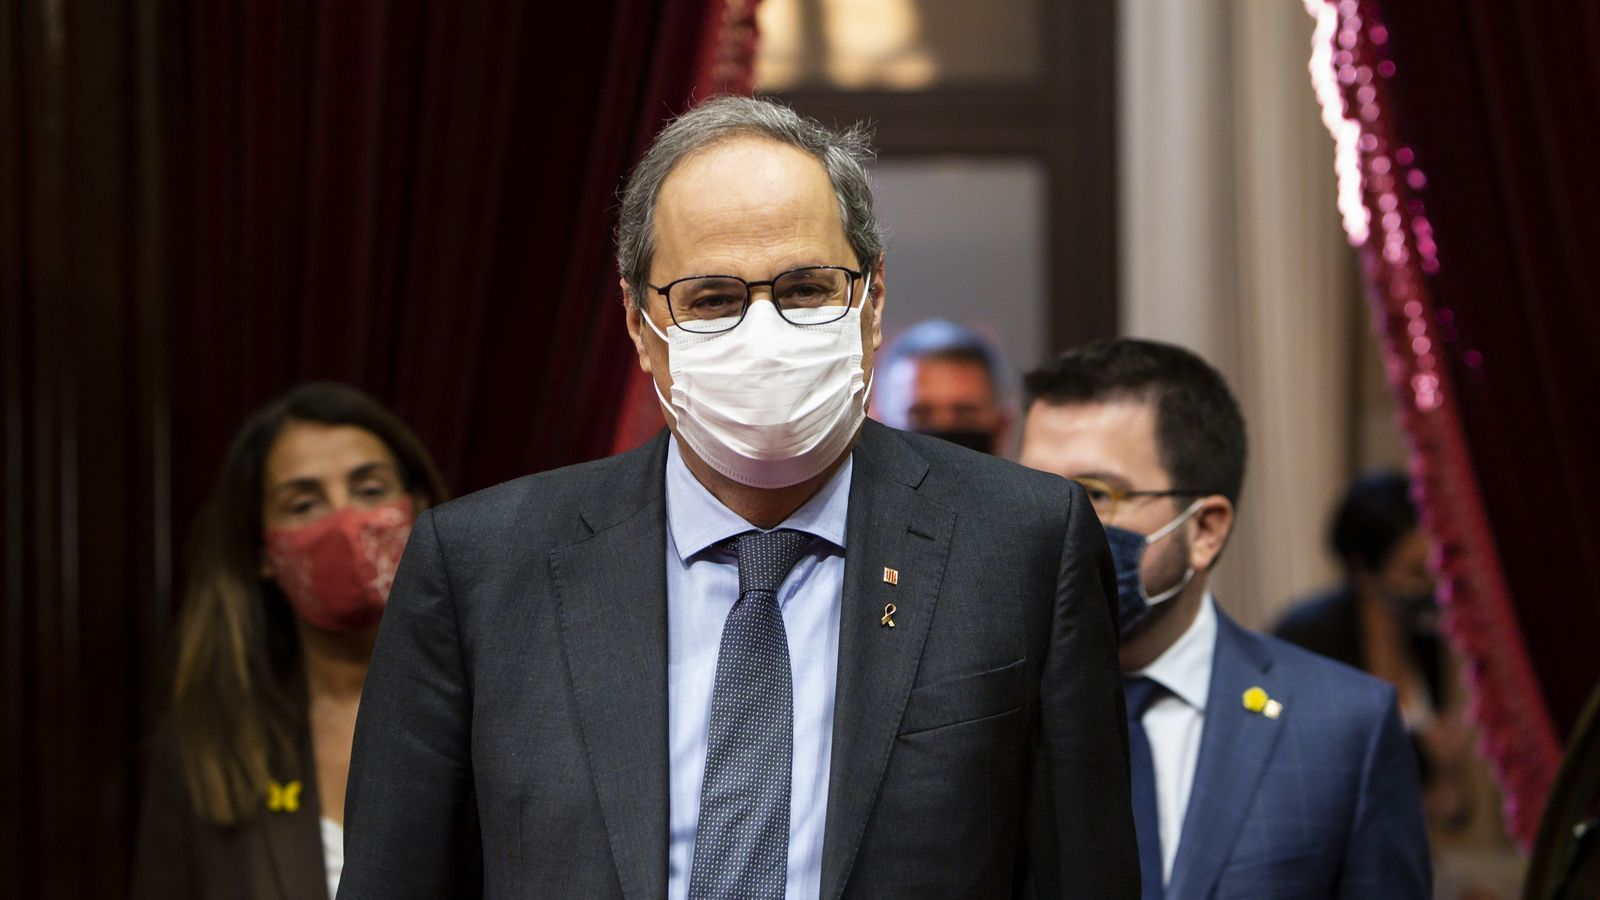 El Suprem inhabilita Torra per unanimitat i posa data de caducitat a la legislatura catalana